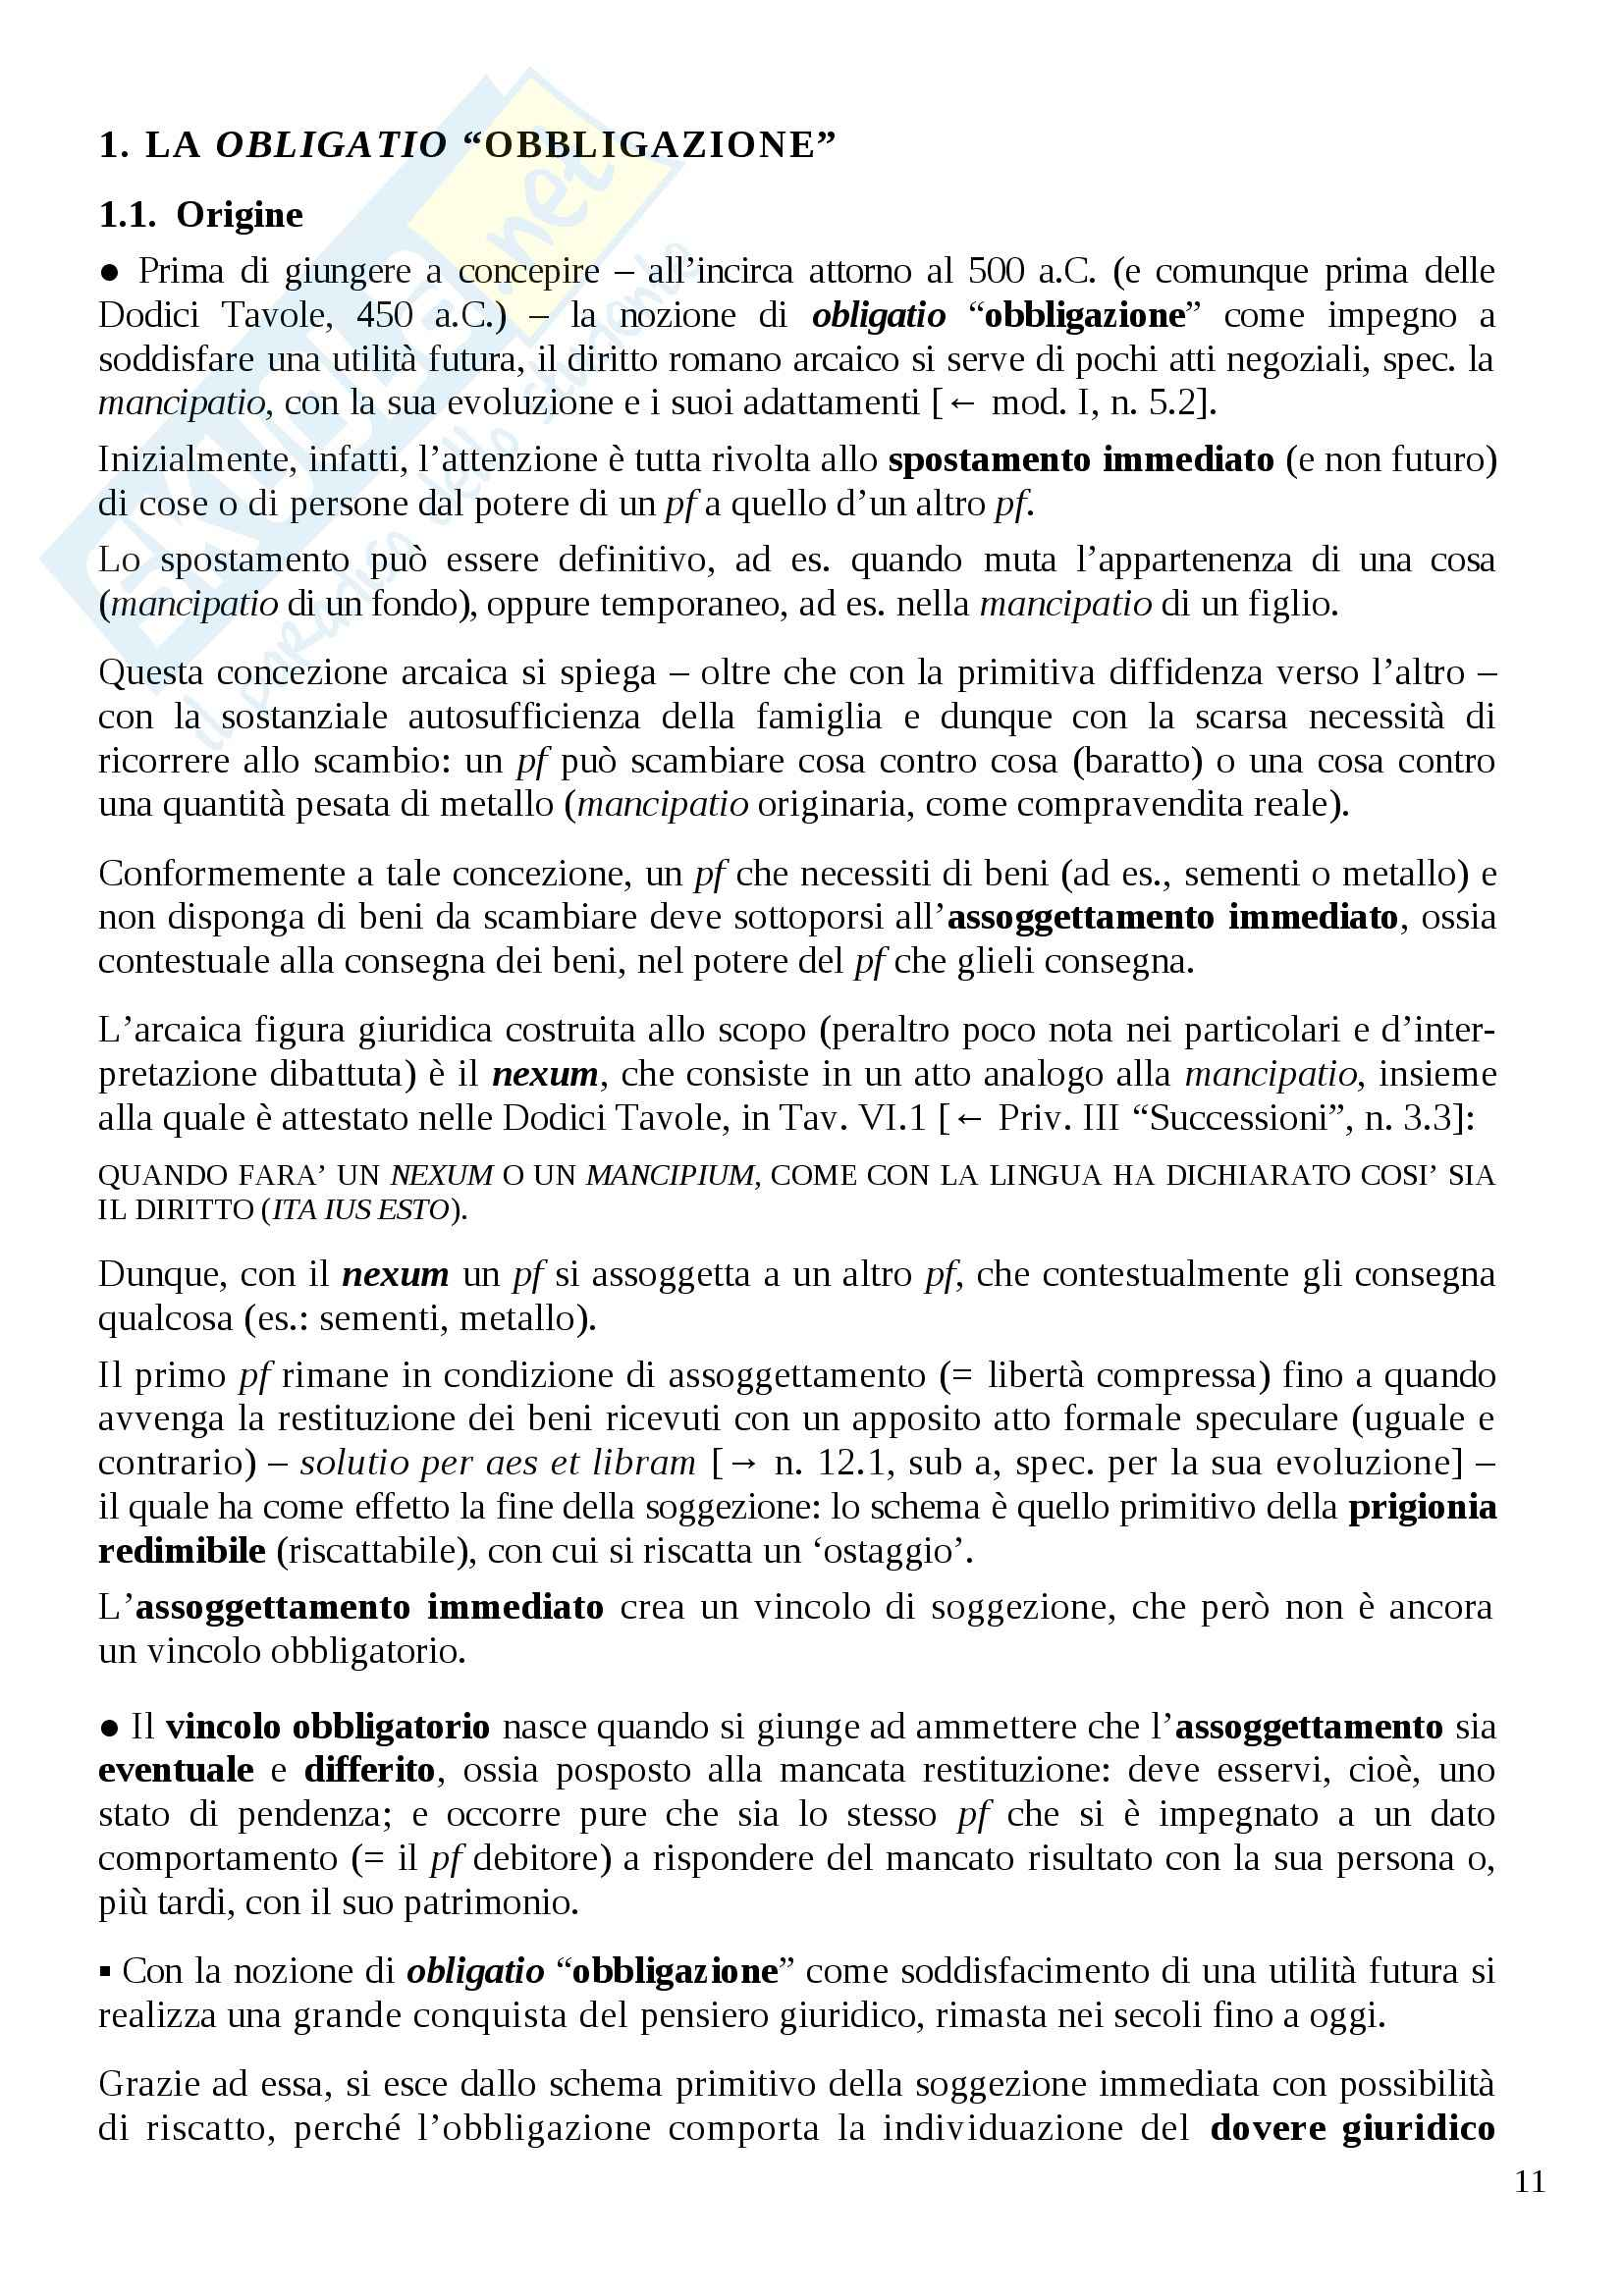 Istituzioni di diritto romano - obbligazioni